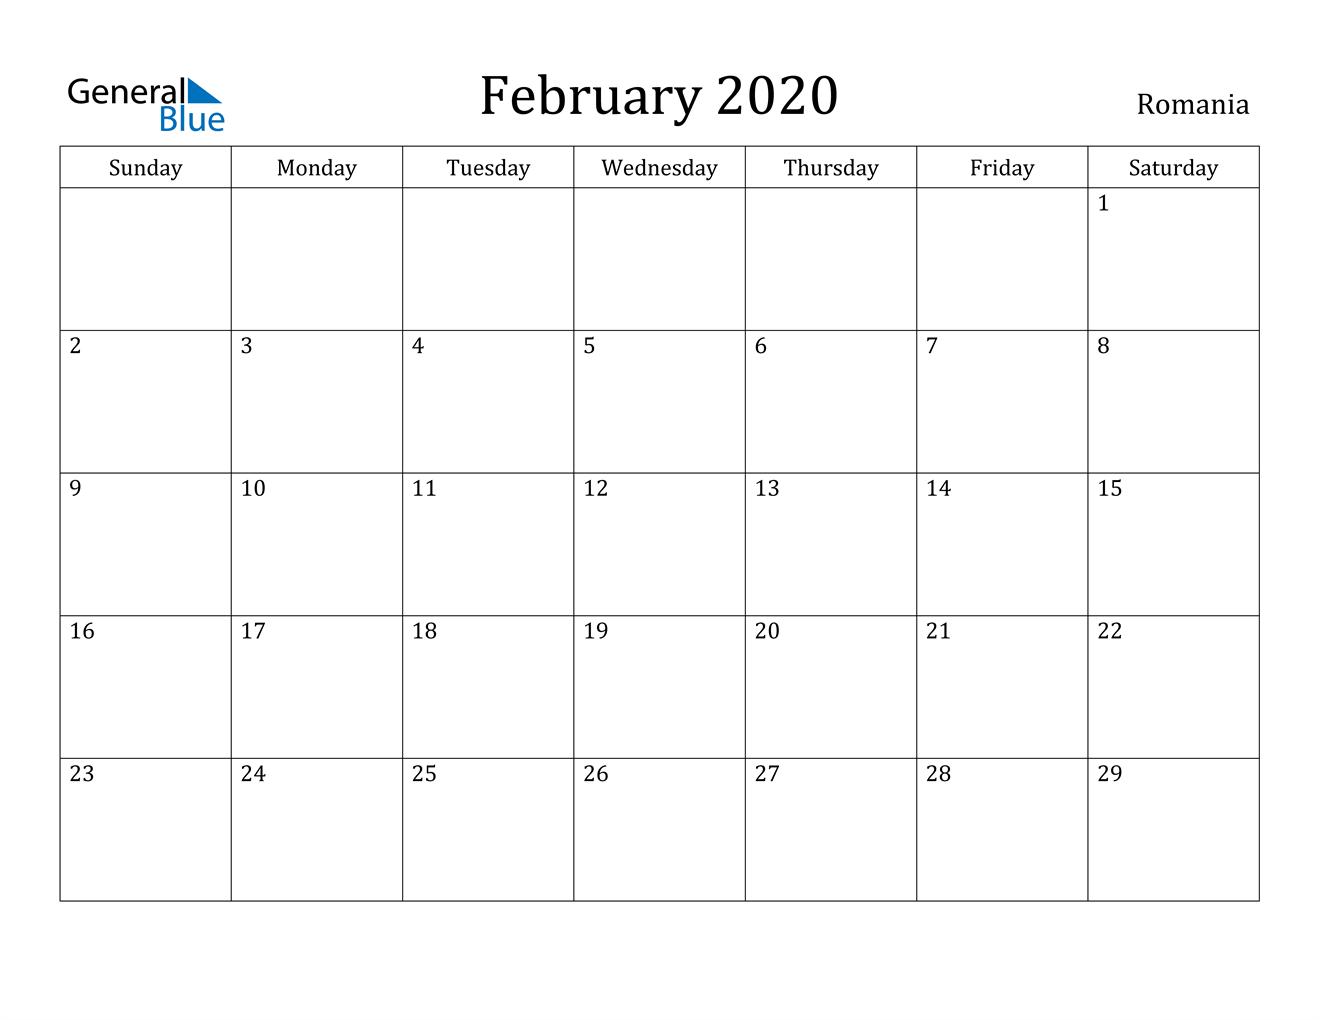 Image of February 2020 Romania Calendar with Holidays Calendar